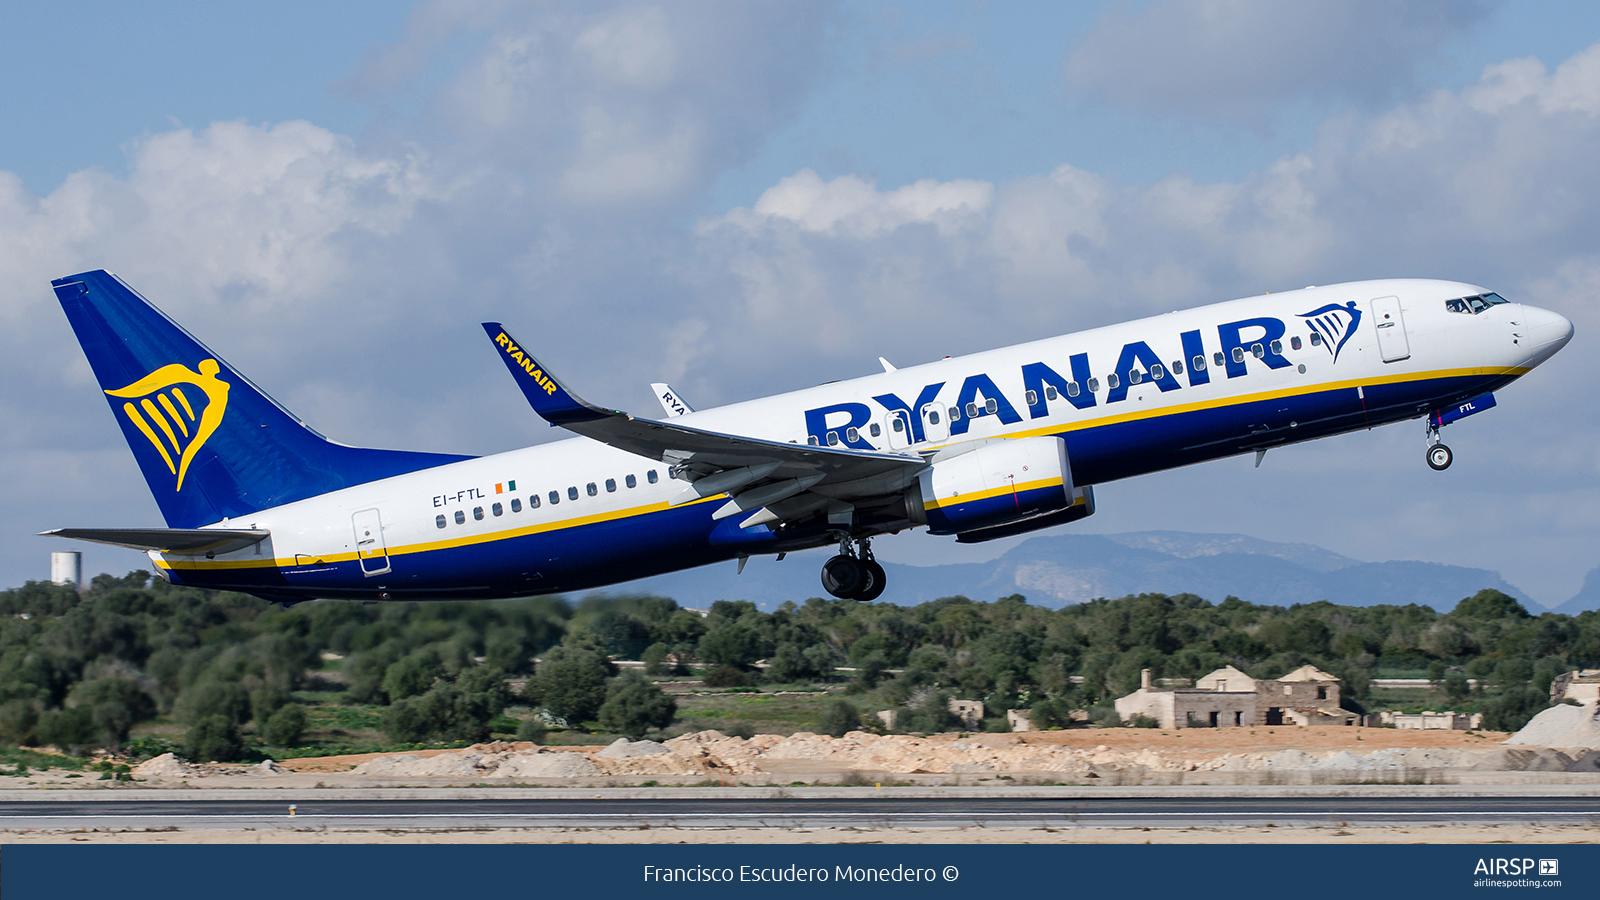 Ryanair  Boeing 737-800  EI-FTL